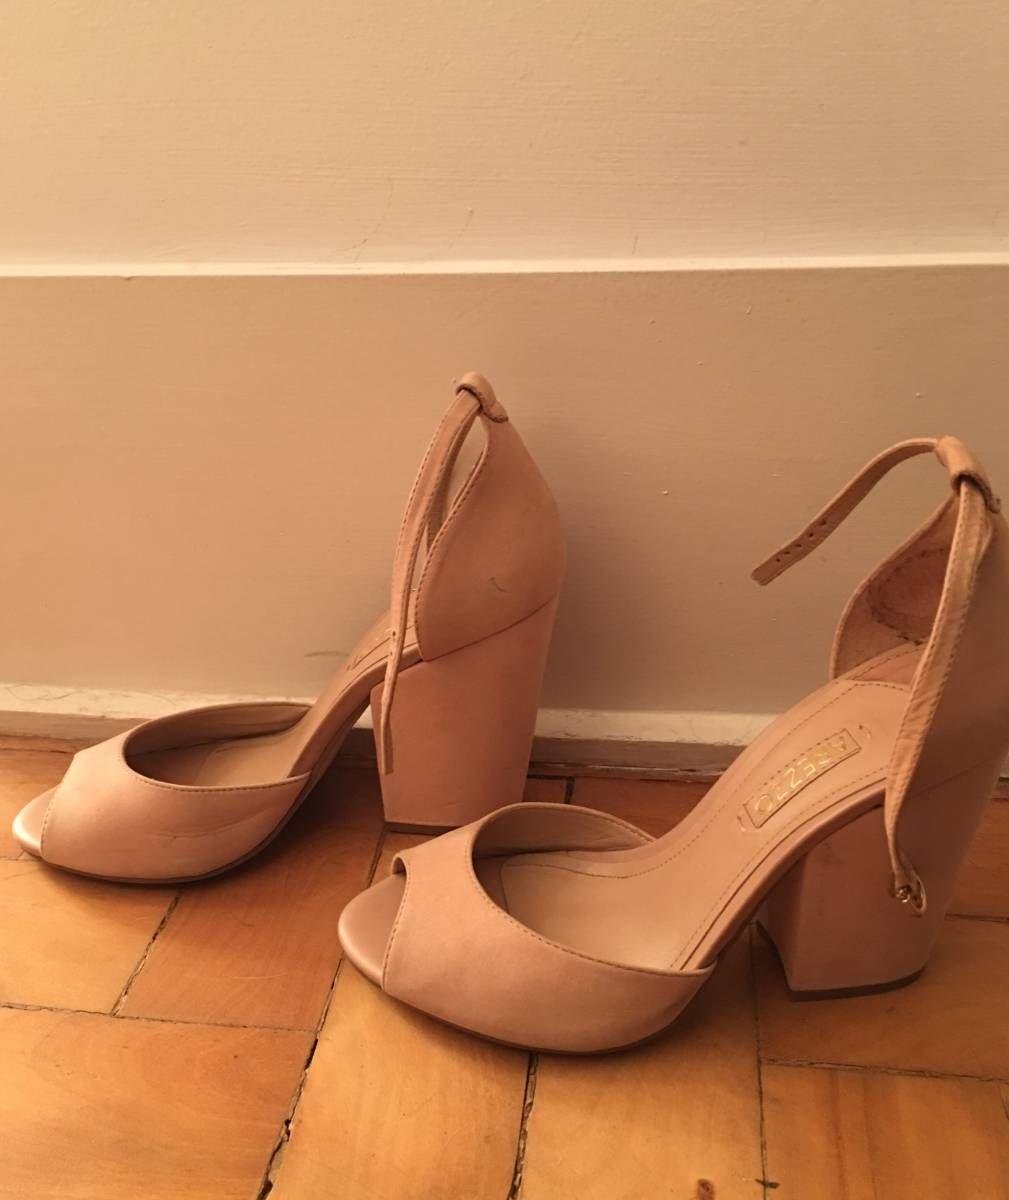 b52ecd92ec2 sapato salto bloco nude arezzo - sapatos arezzo